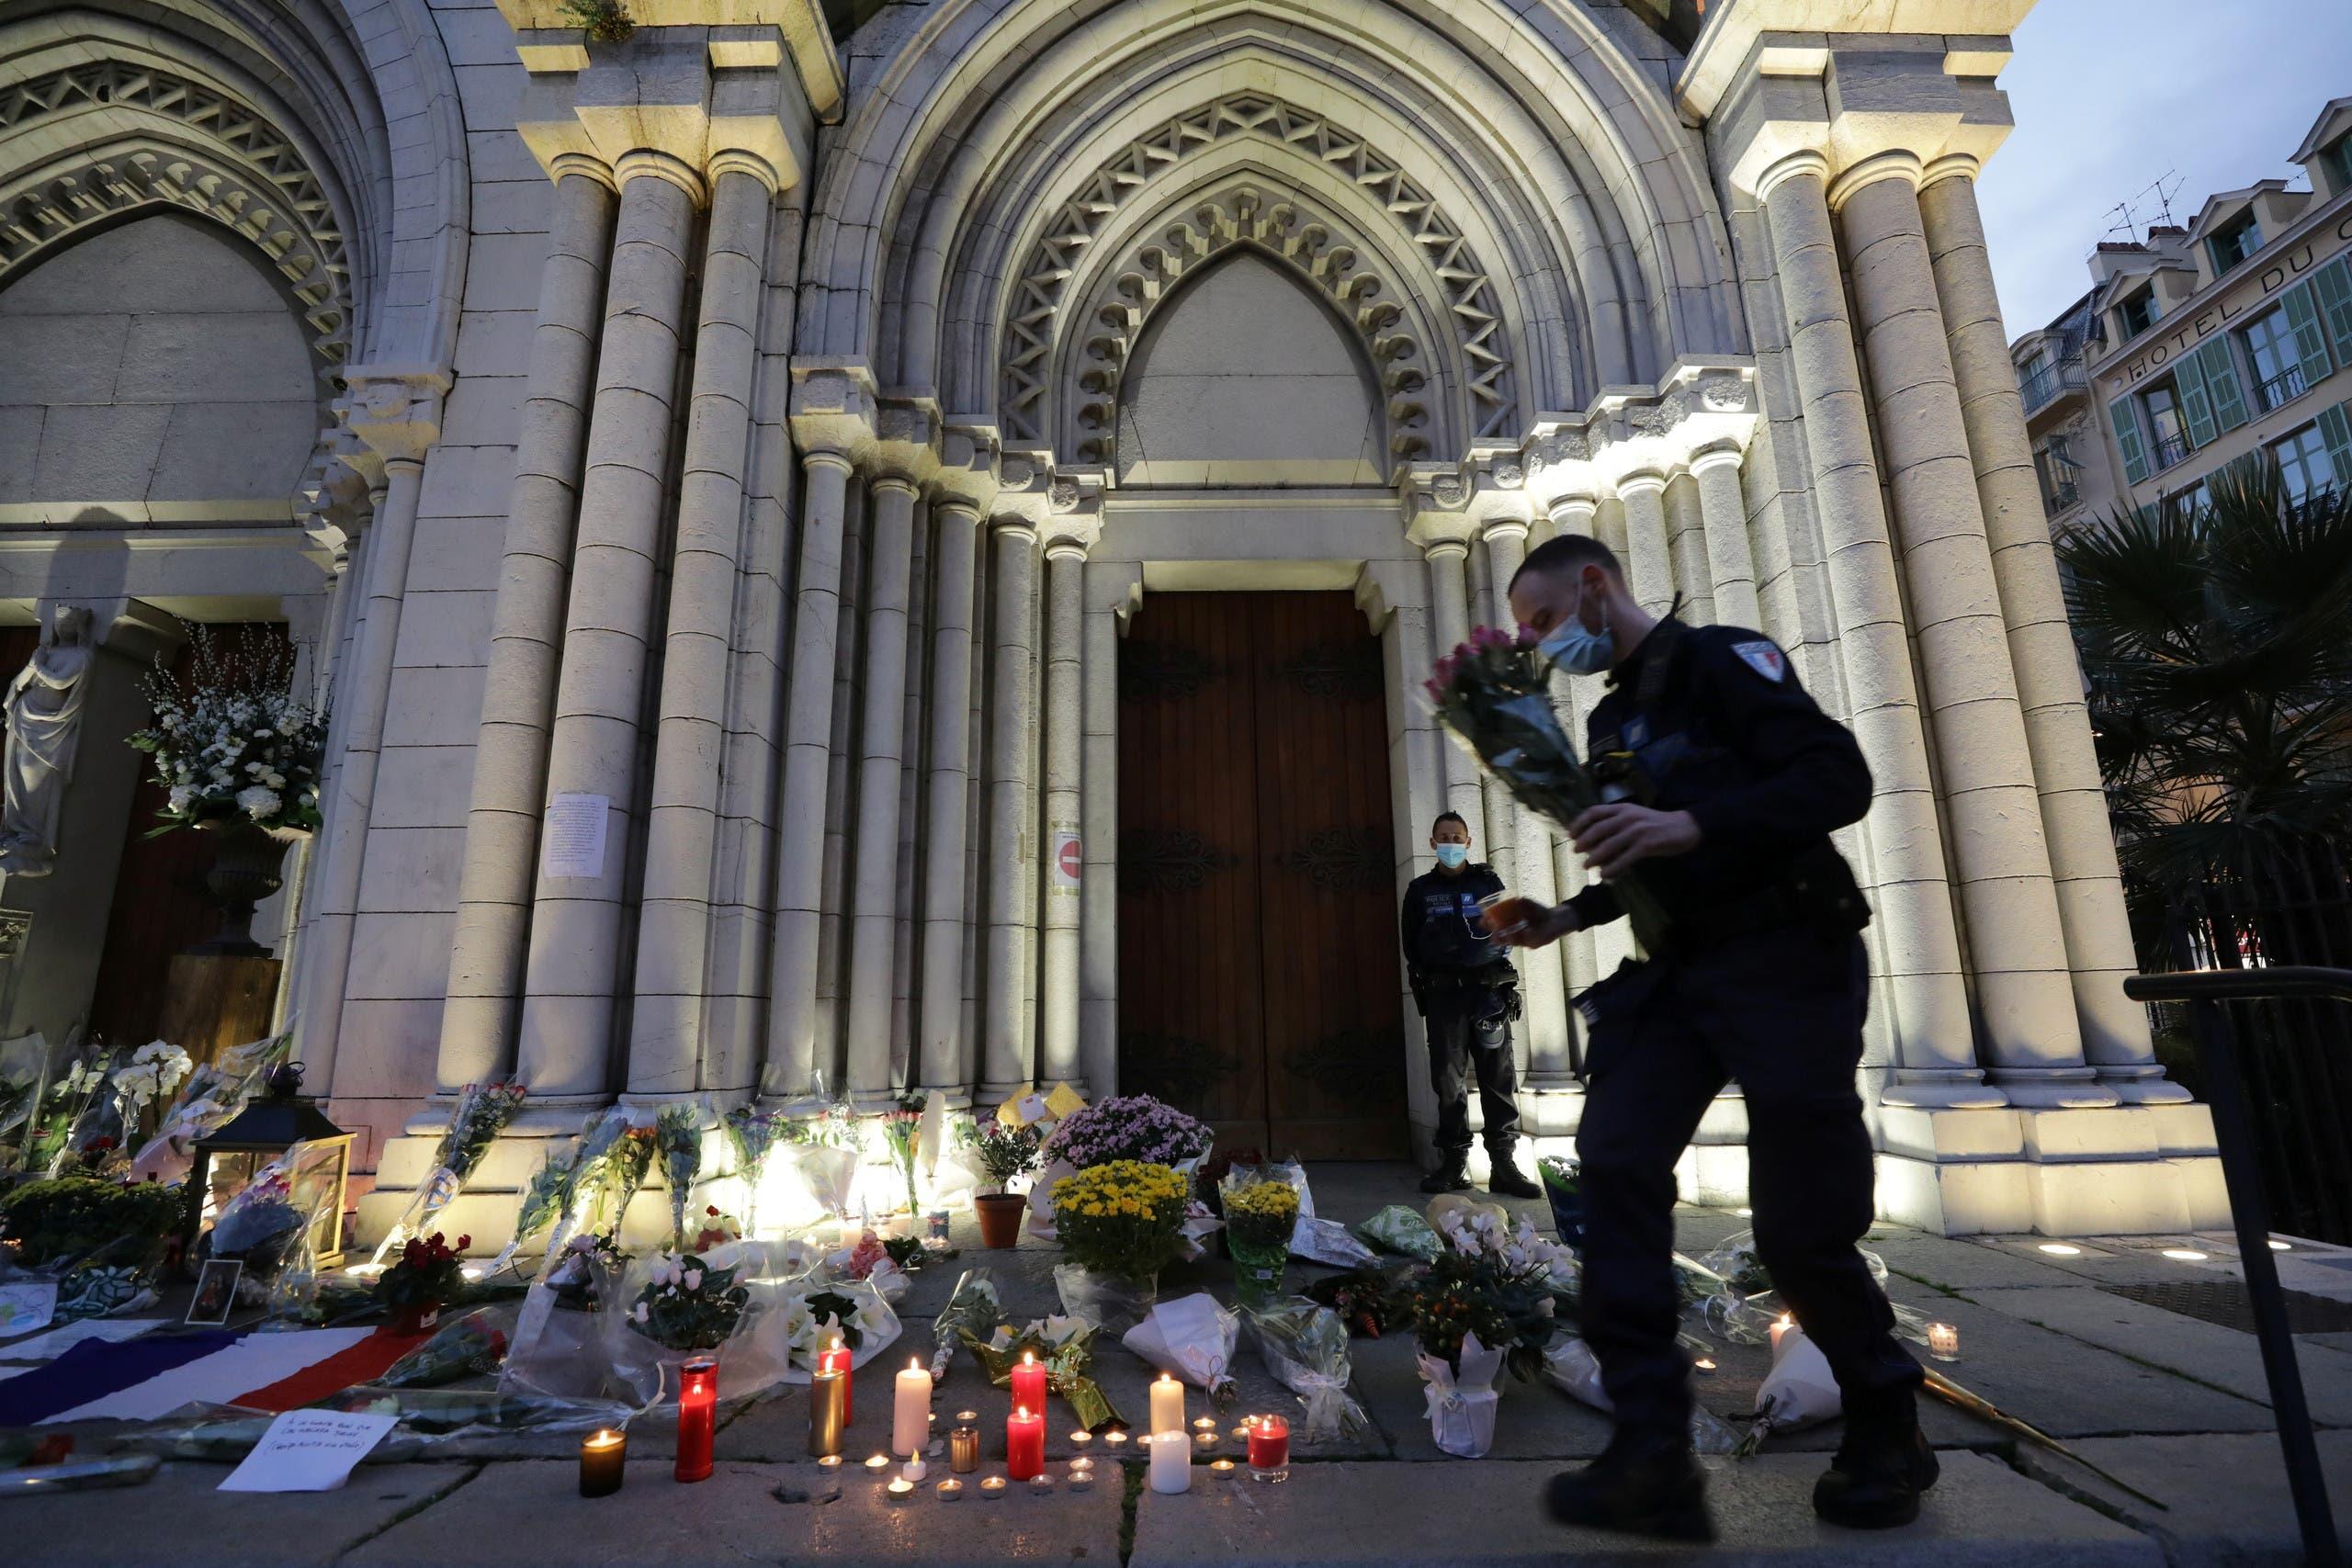 ازهار وشموع أمام كنيسة في نيس الفرنسية وقع فيها هجوم الأسبوع الماضي